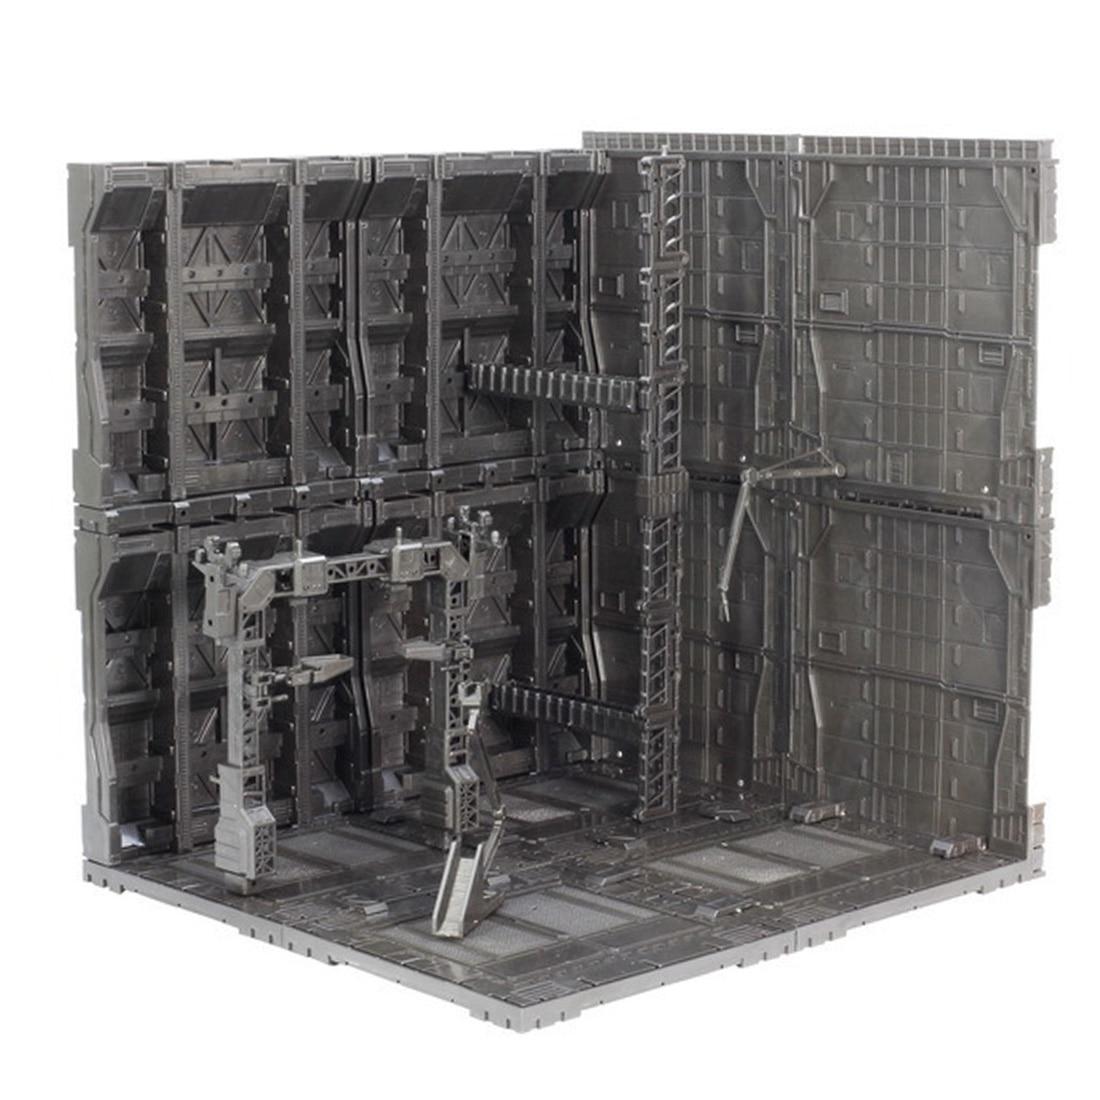 30x30x33 см солдат ручной работы, база спецназа, фоновая доска для модели Gundam Mecha типа J